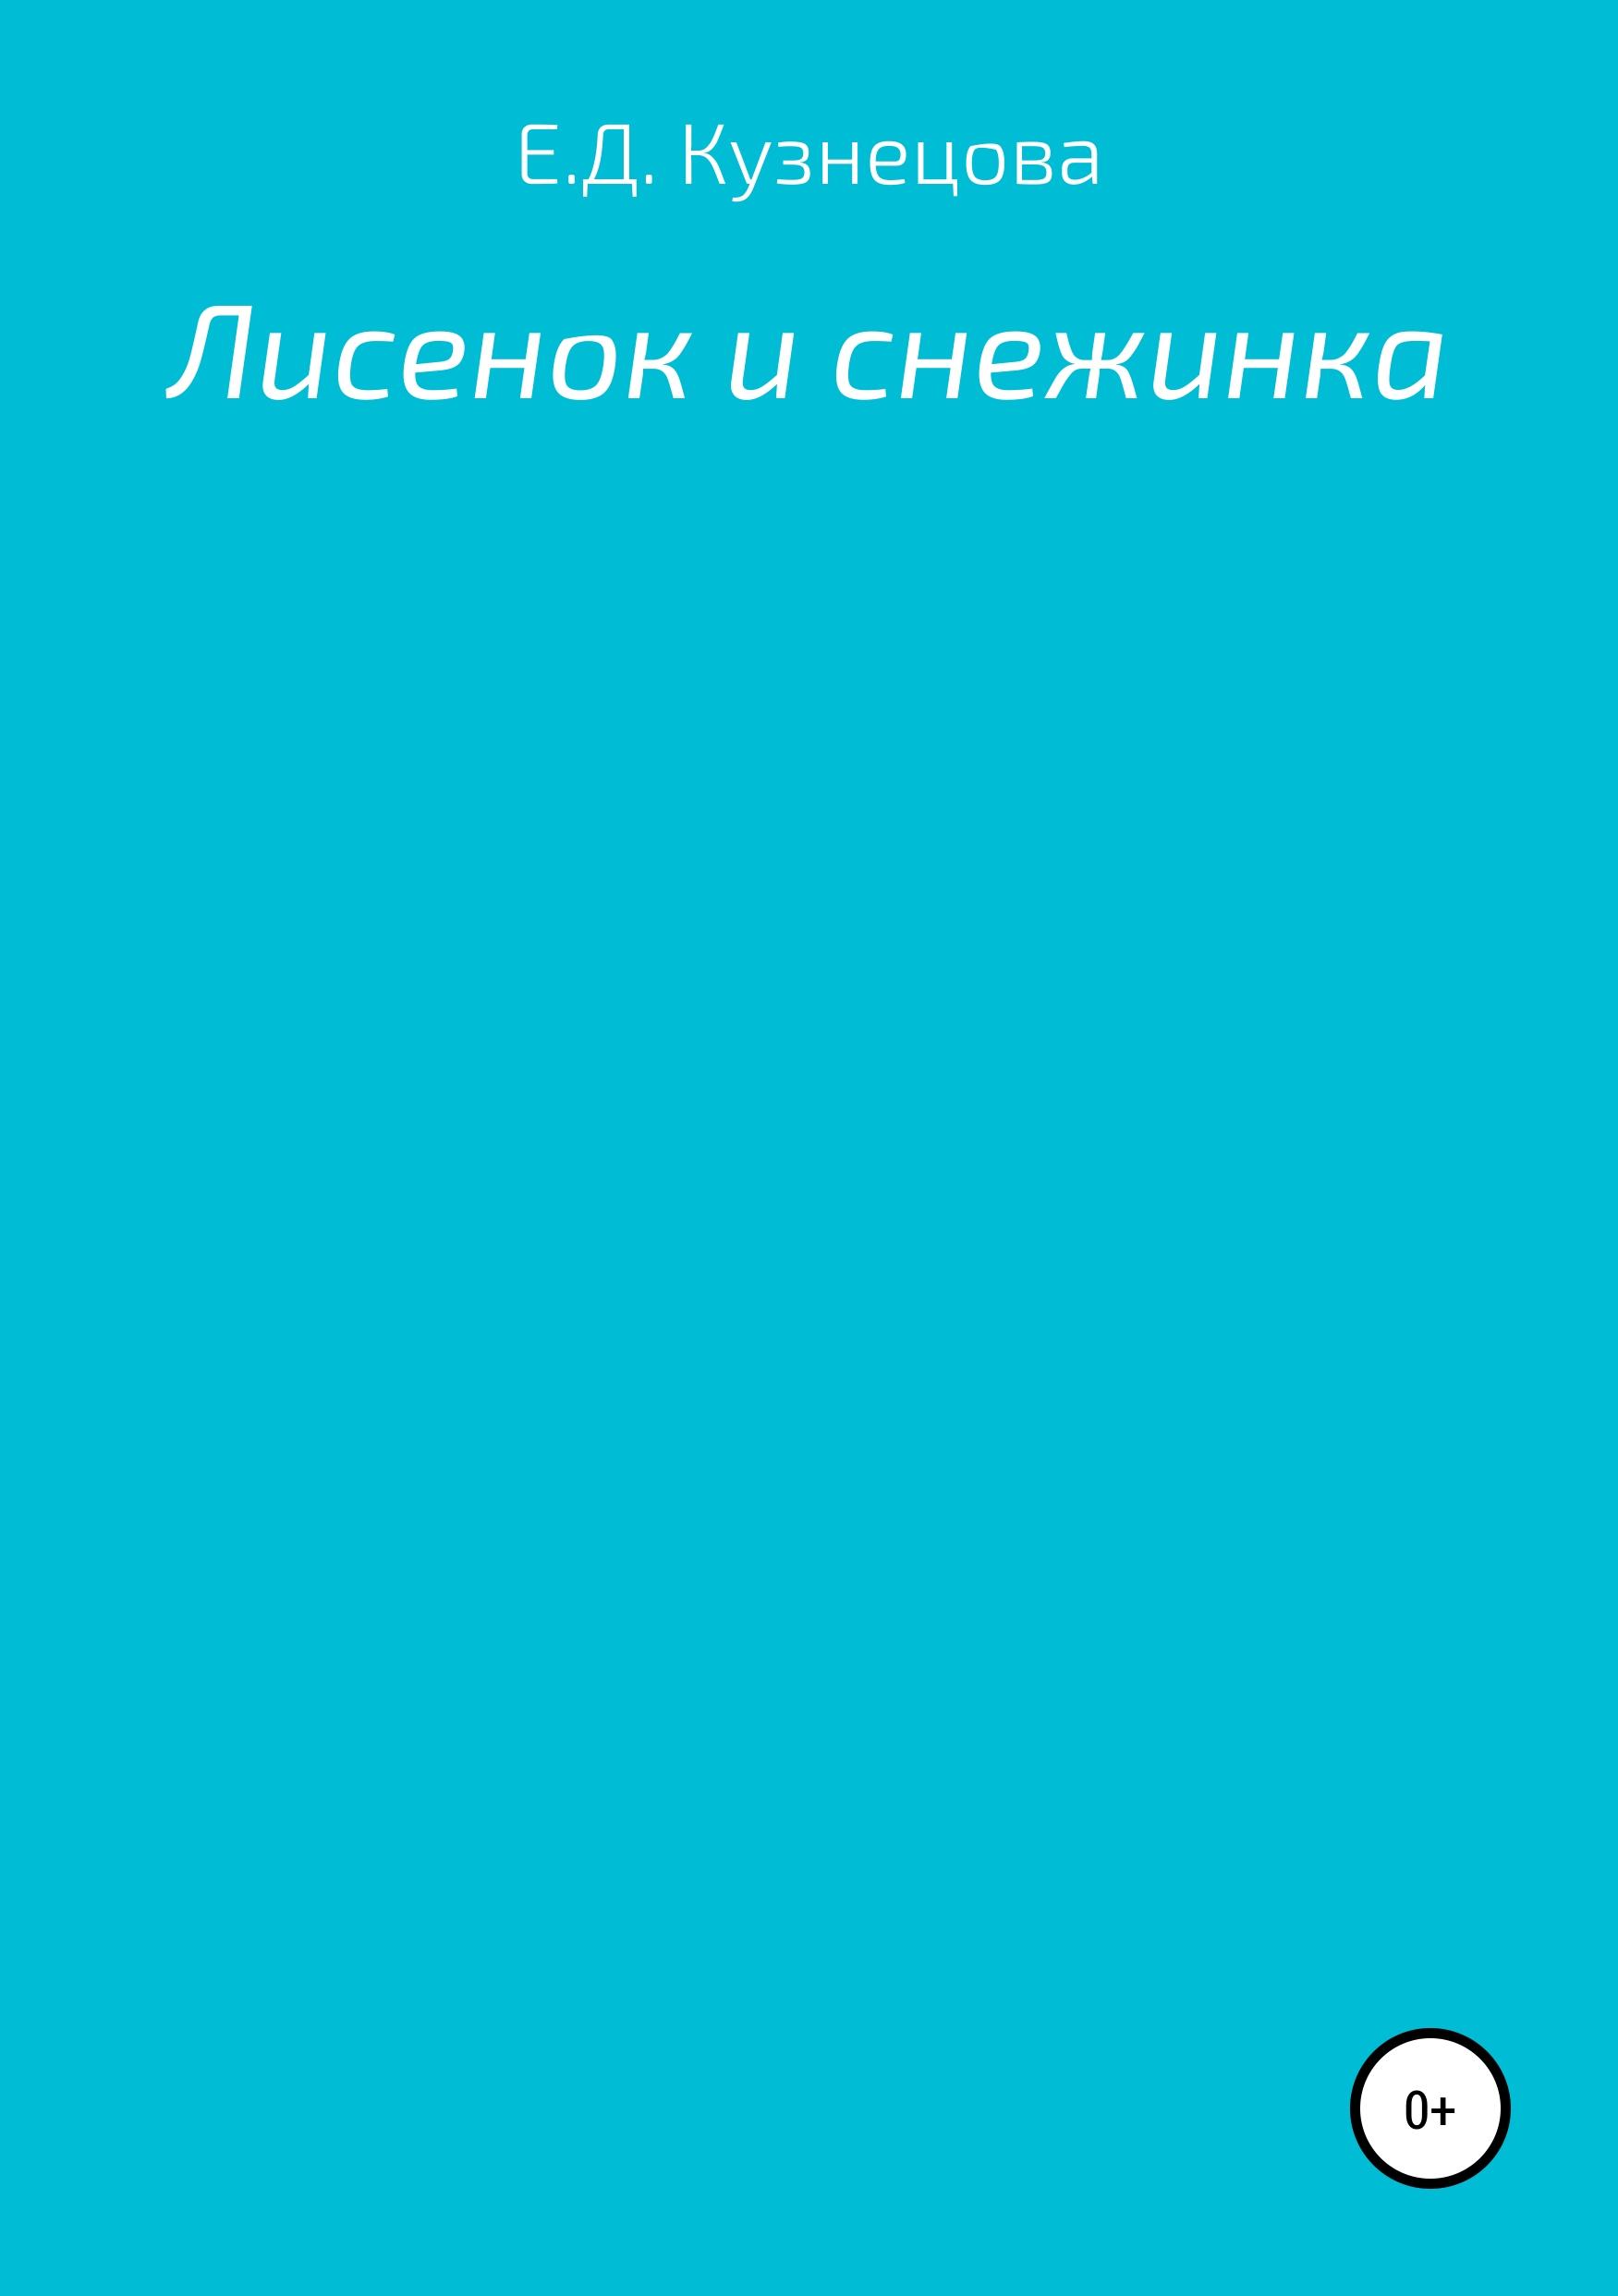 Евгения Дмитревна Кузнецова Лисенок и снежинка кузнецова д ред как найти друга